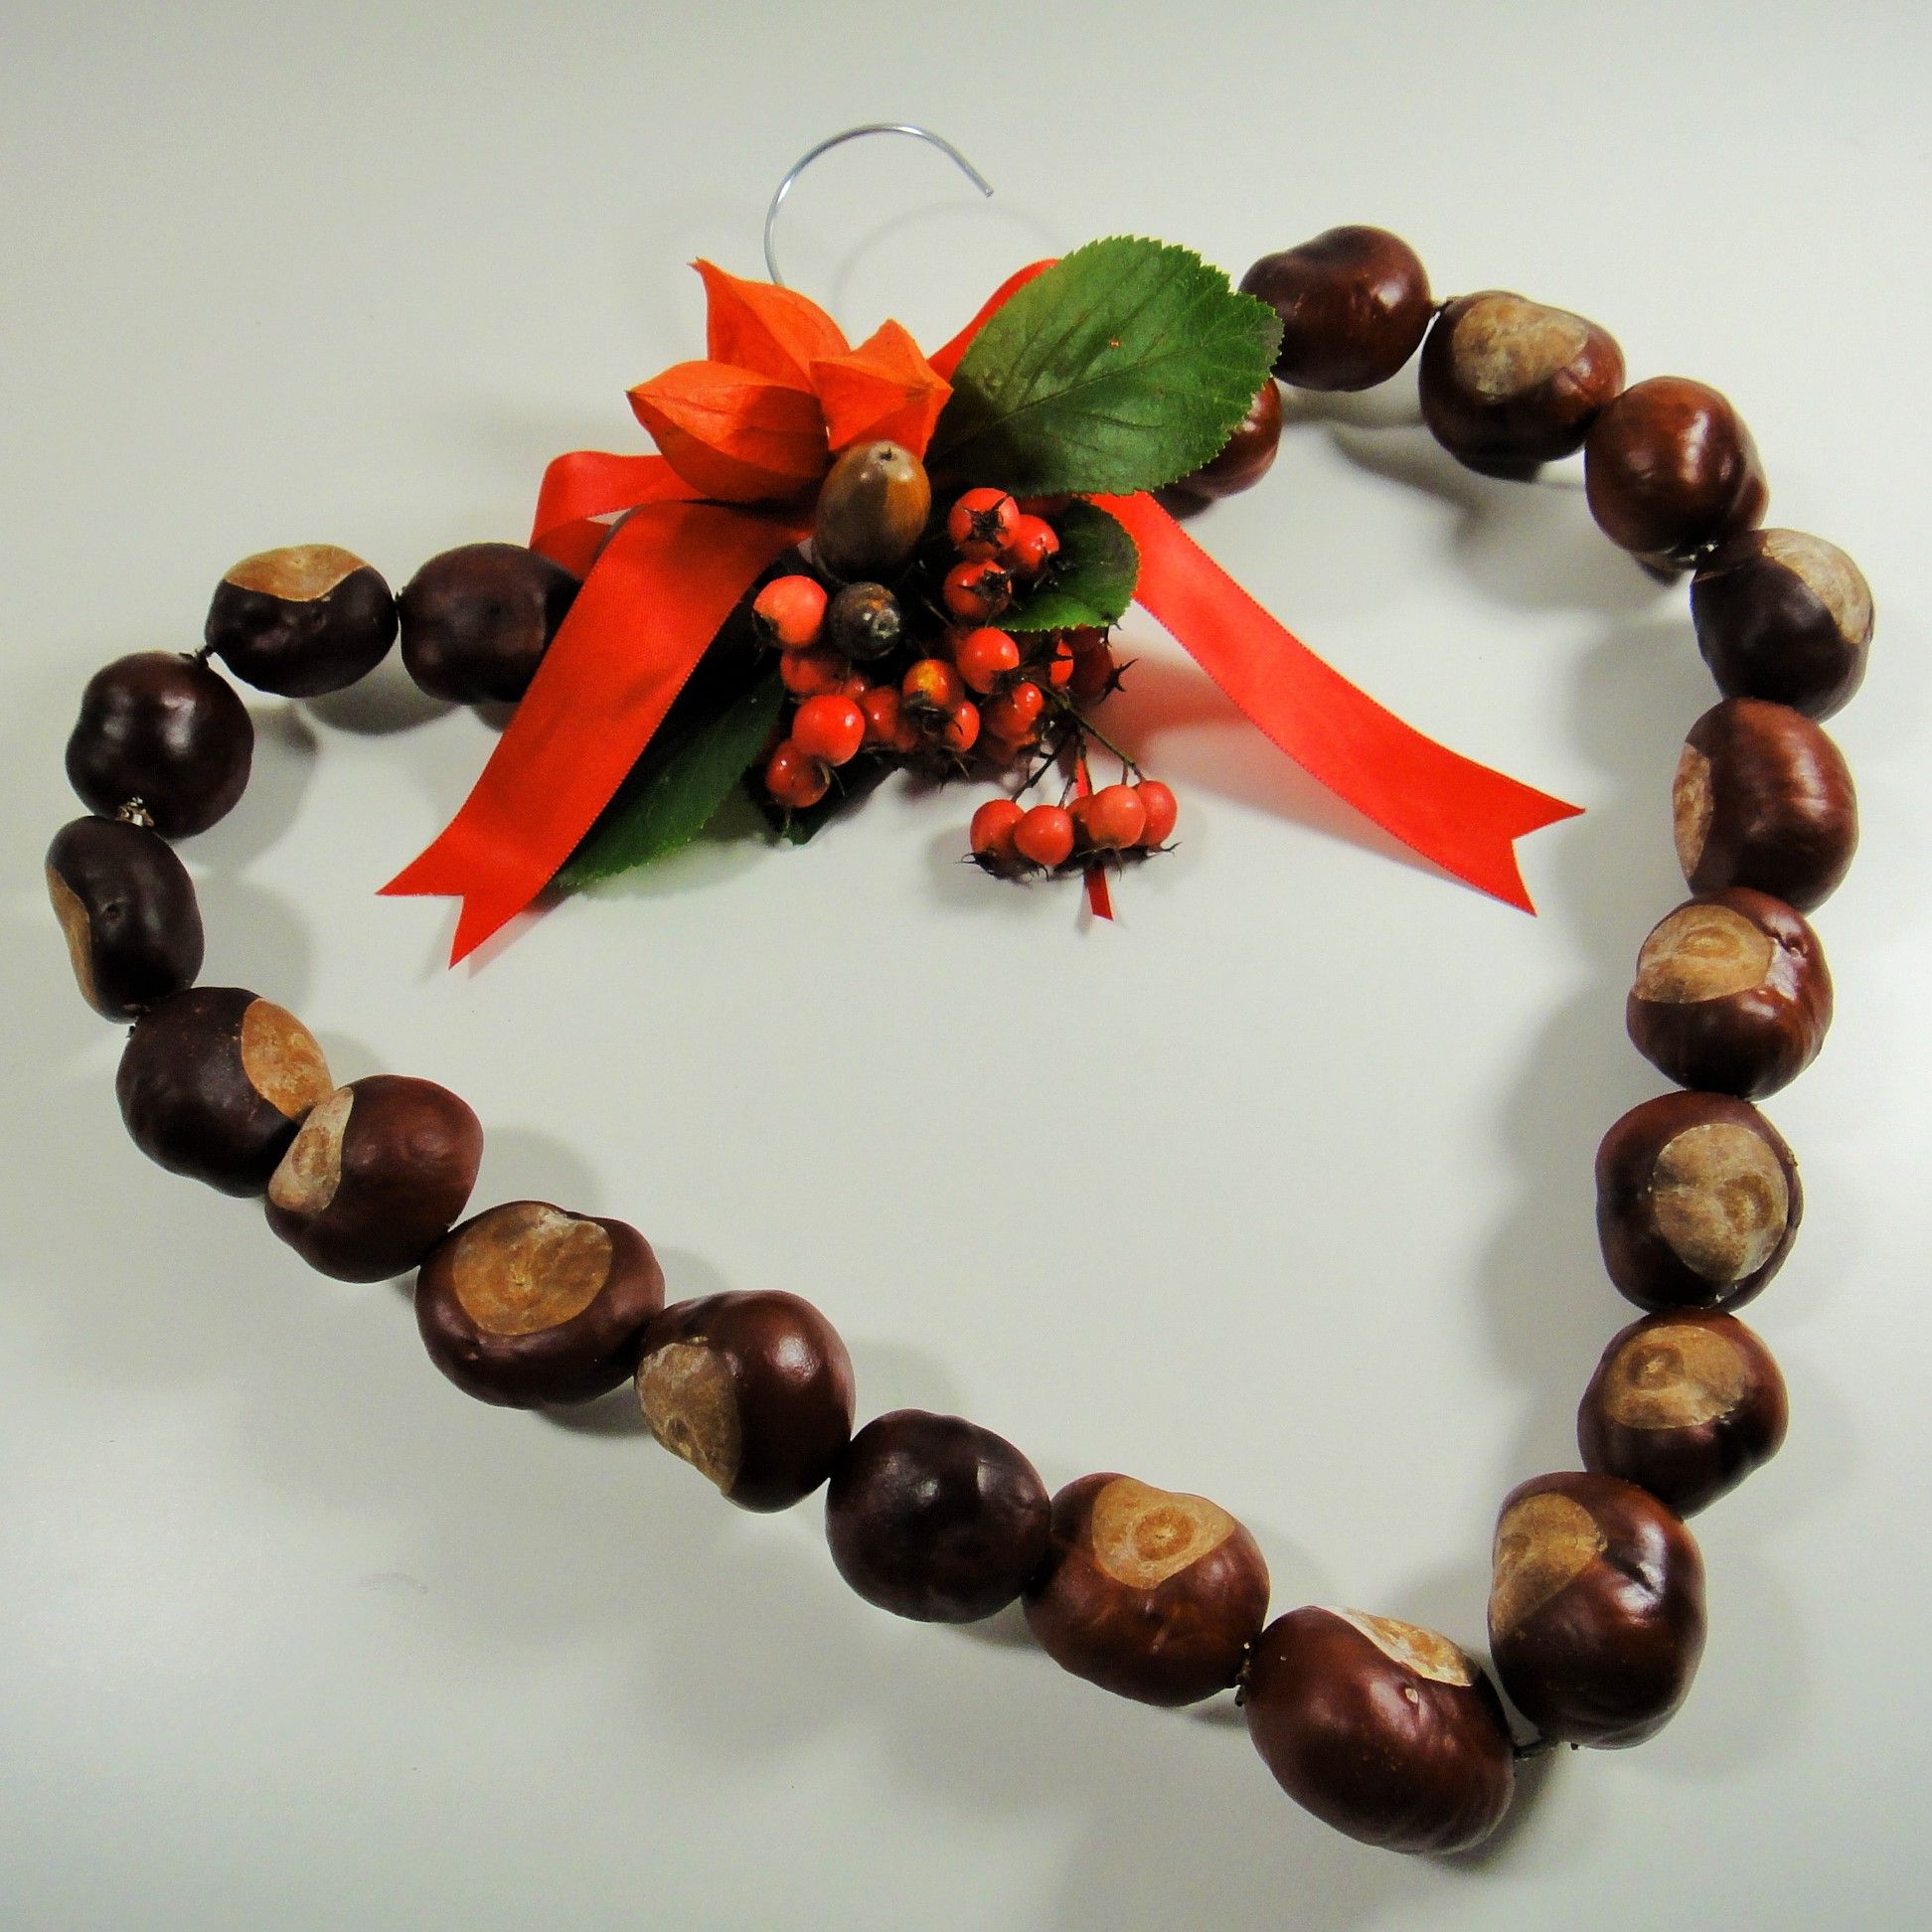 Kastanienherz kastanien herbst diy naturmaterialien for Herbstdeko basteln naturmaterialien